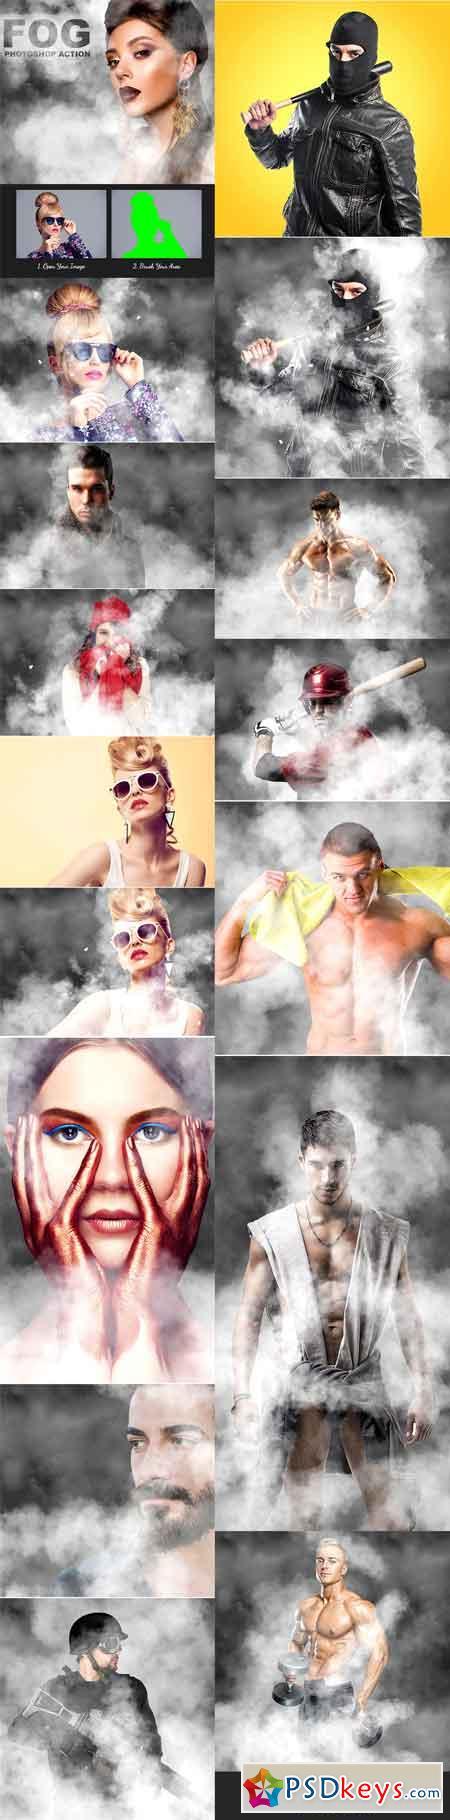 Fog Photoshop Action 21284636